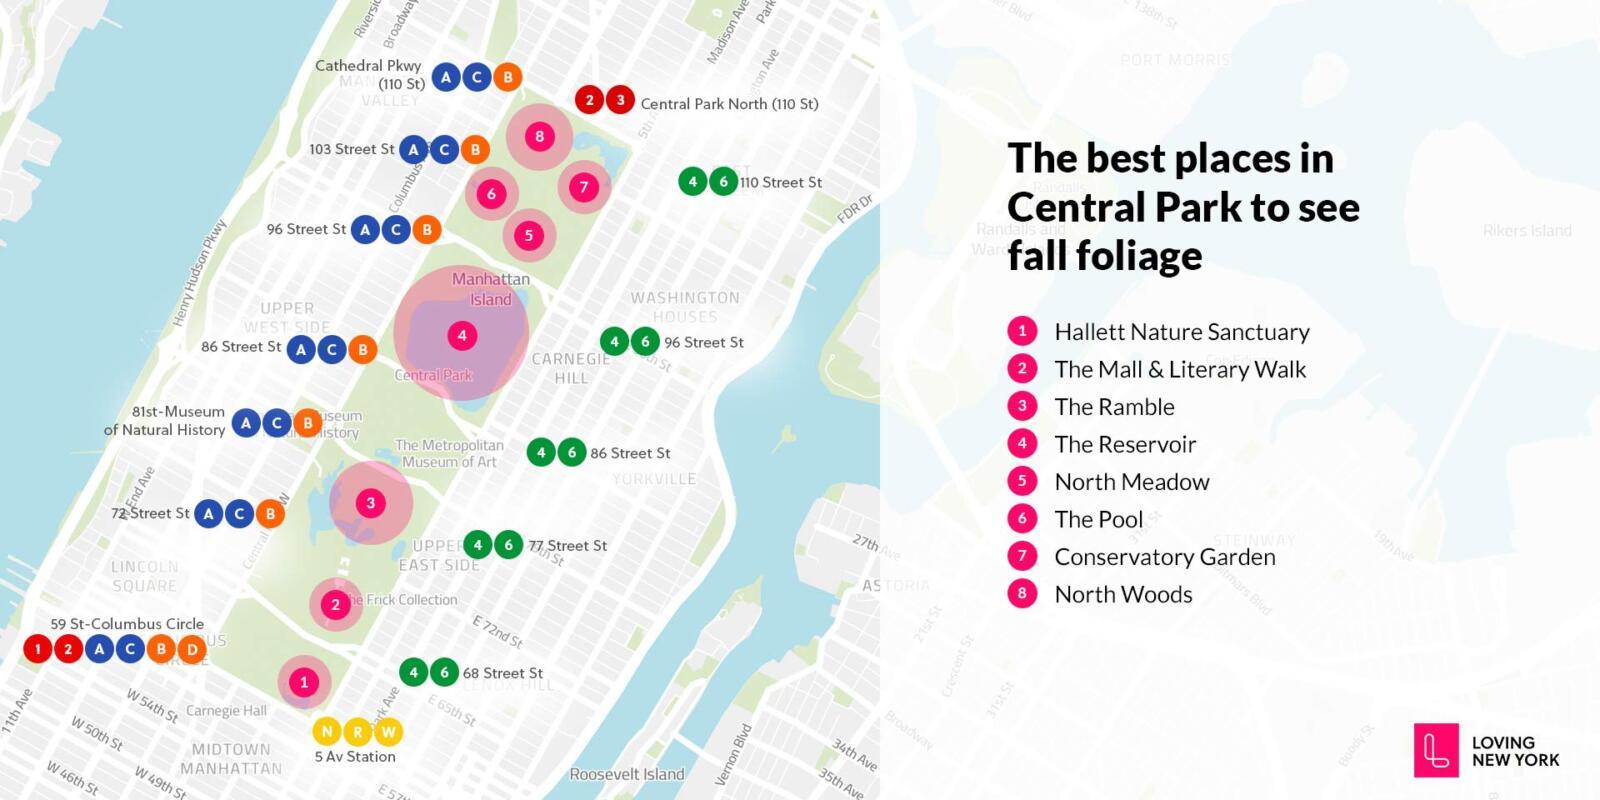 Los mejores lugares en Central Park para ver el follaje de otoño